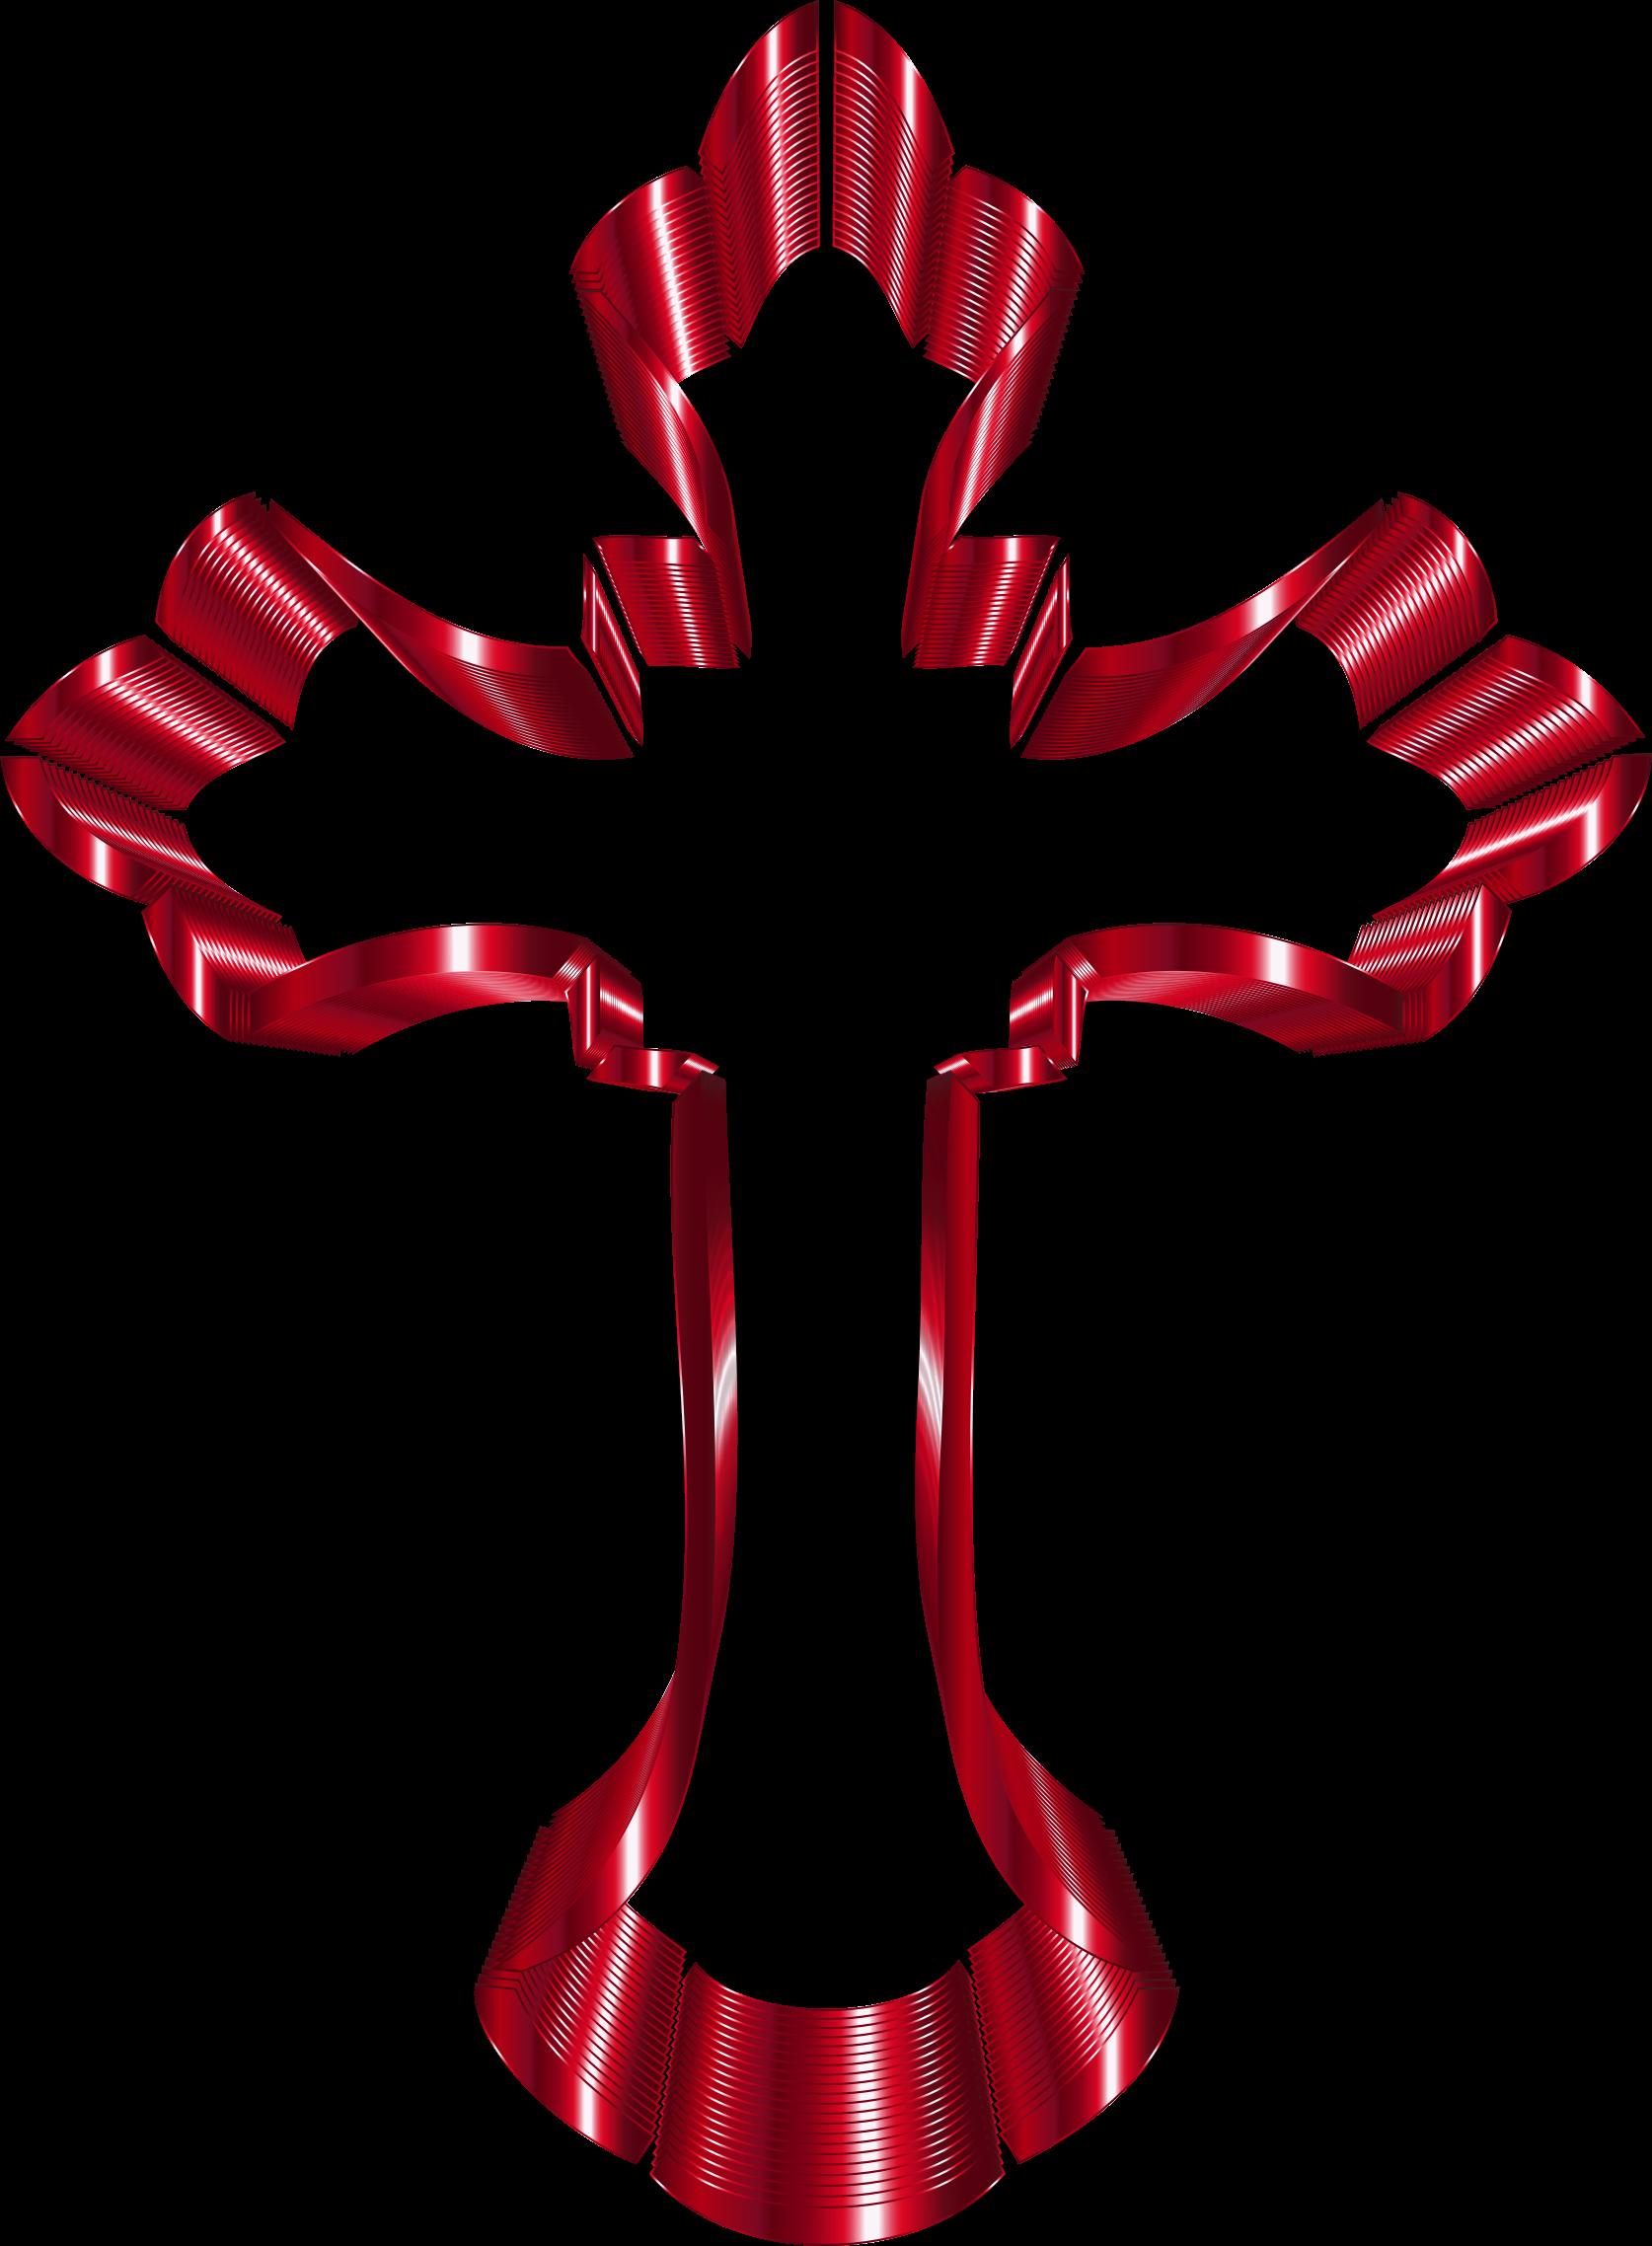 Crimson no background big. Crucifix clipart ornate cross